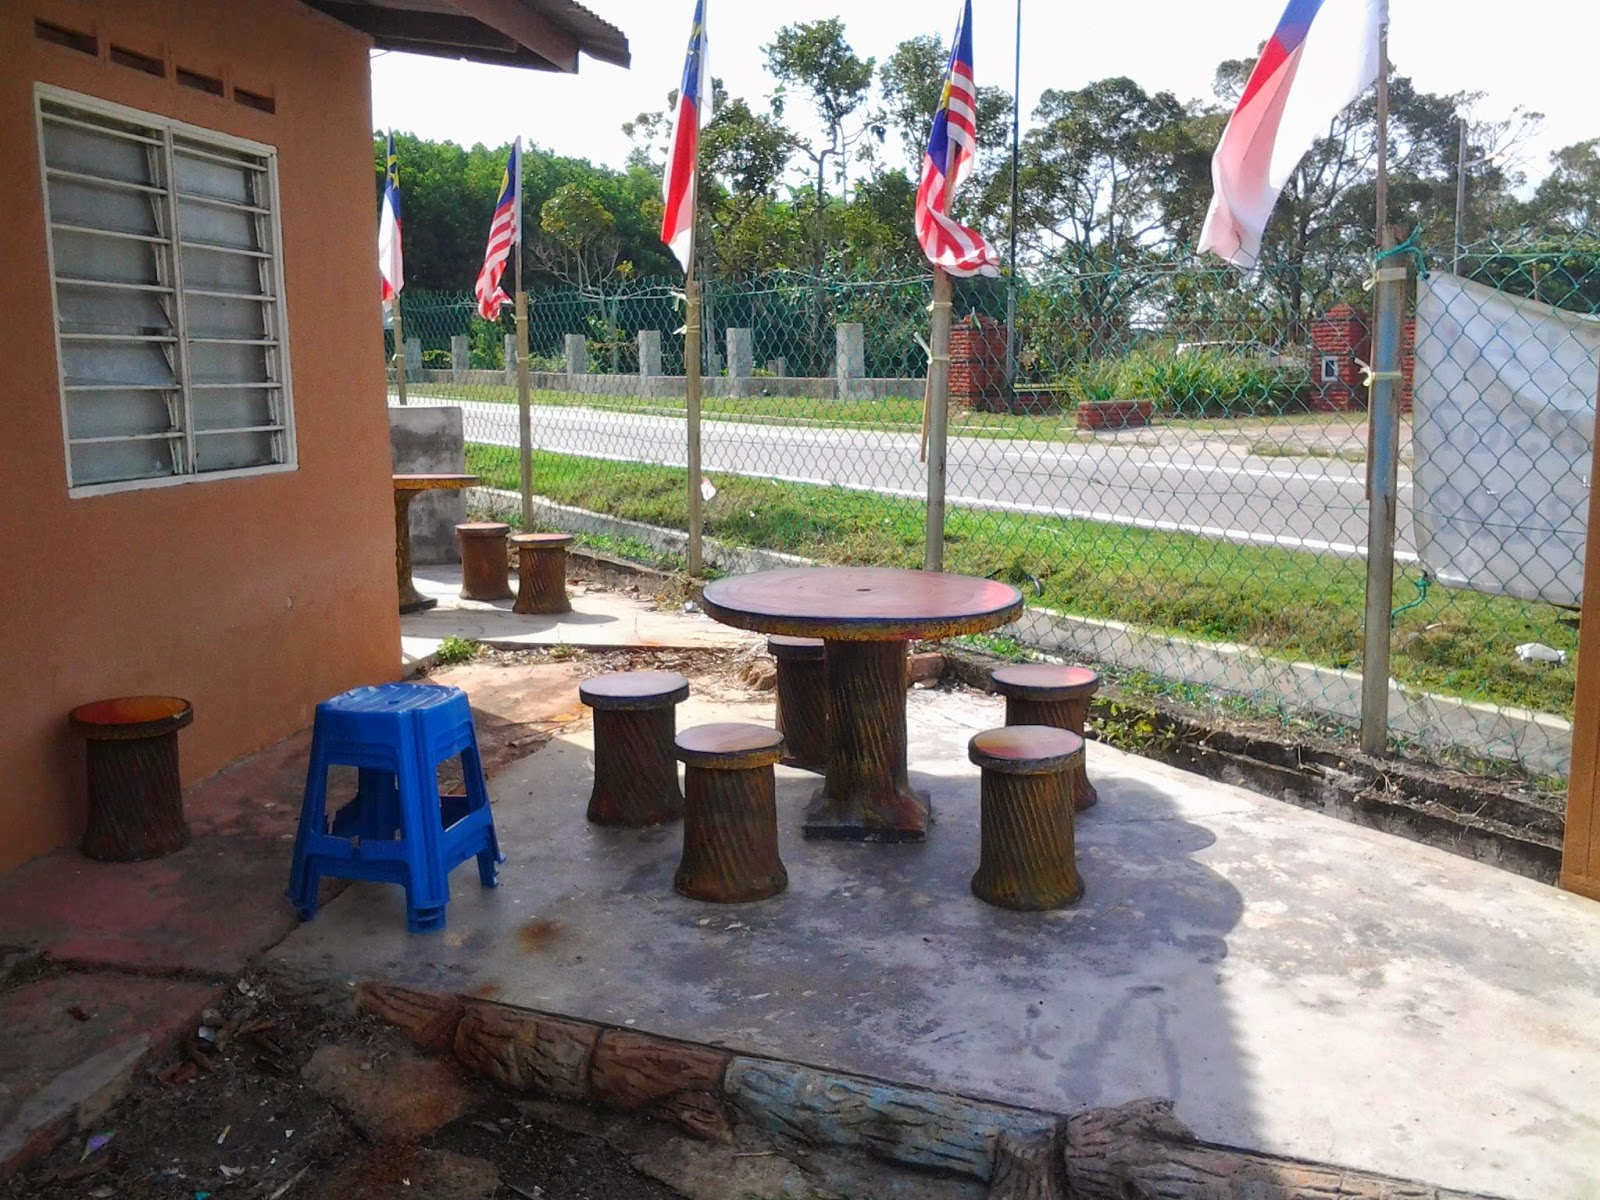 Homestay Pengkalan Balak 1 RM100 130 Untuk Rumah Kami Ada 8 Pasti Sesuai Dengan Bajet Anda Termurah Di Kampung